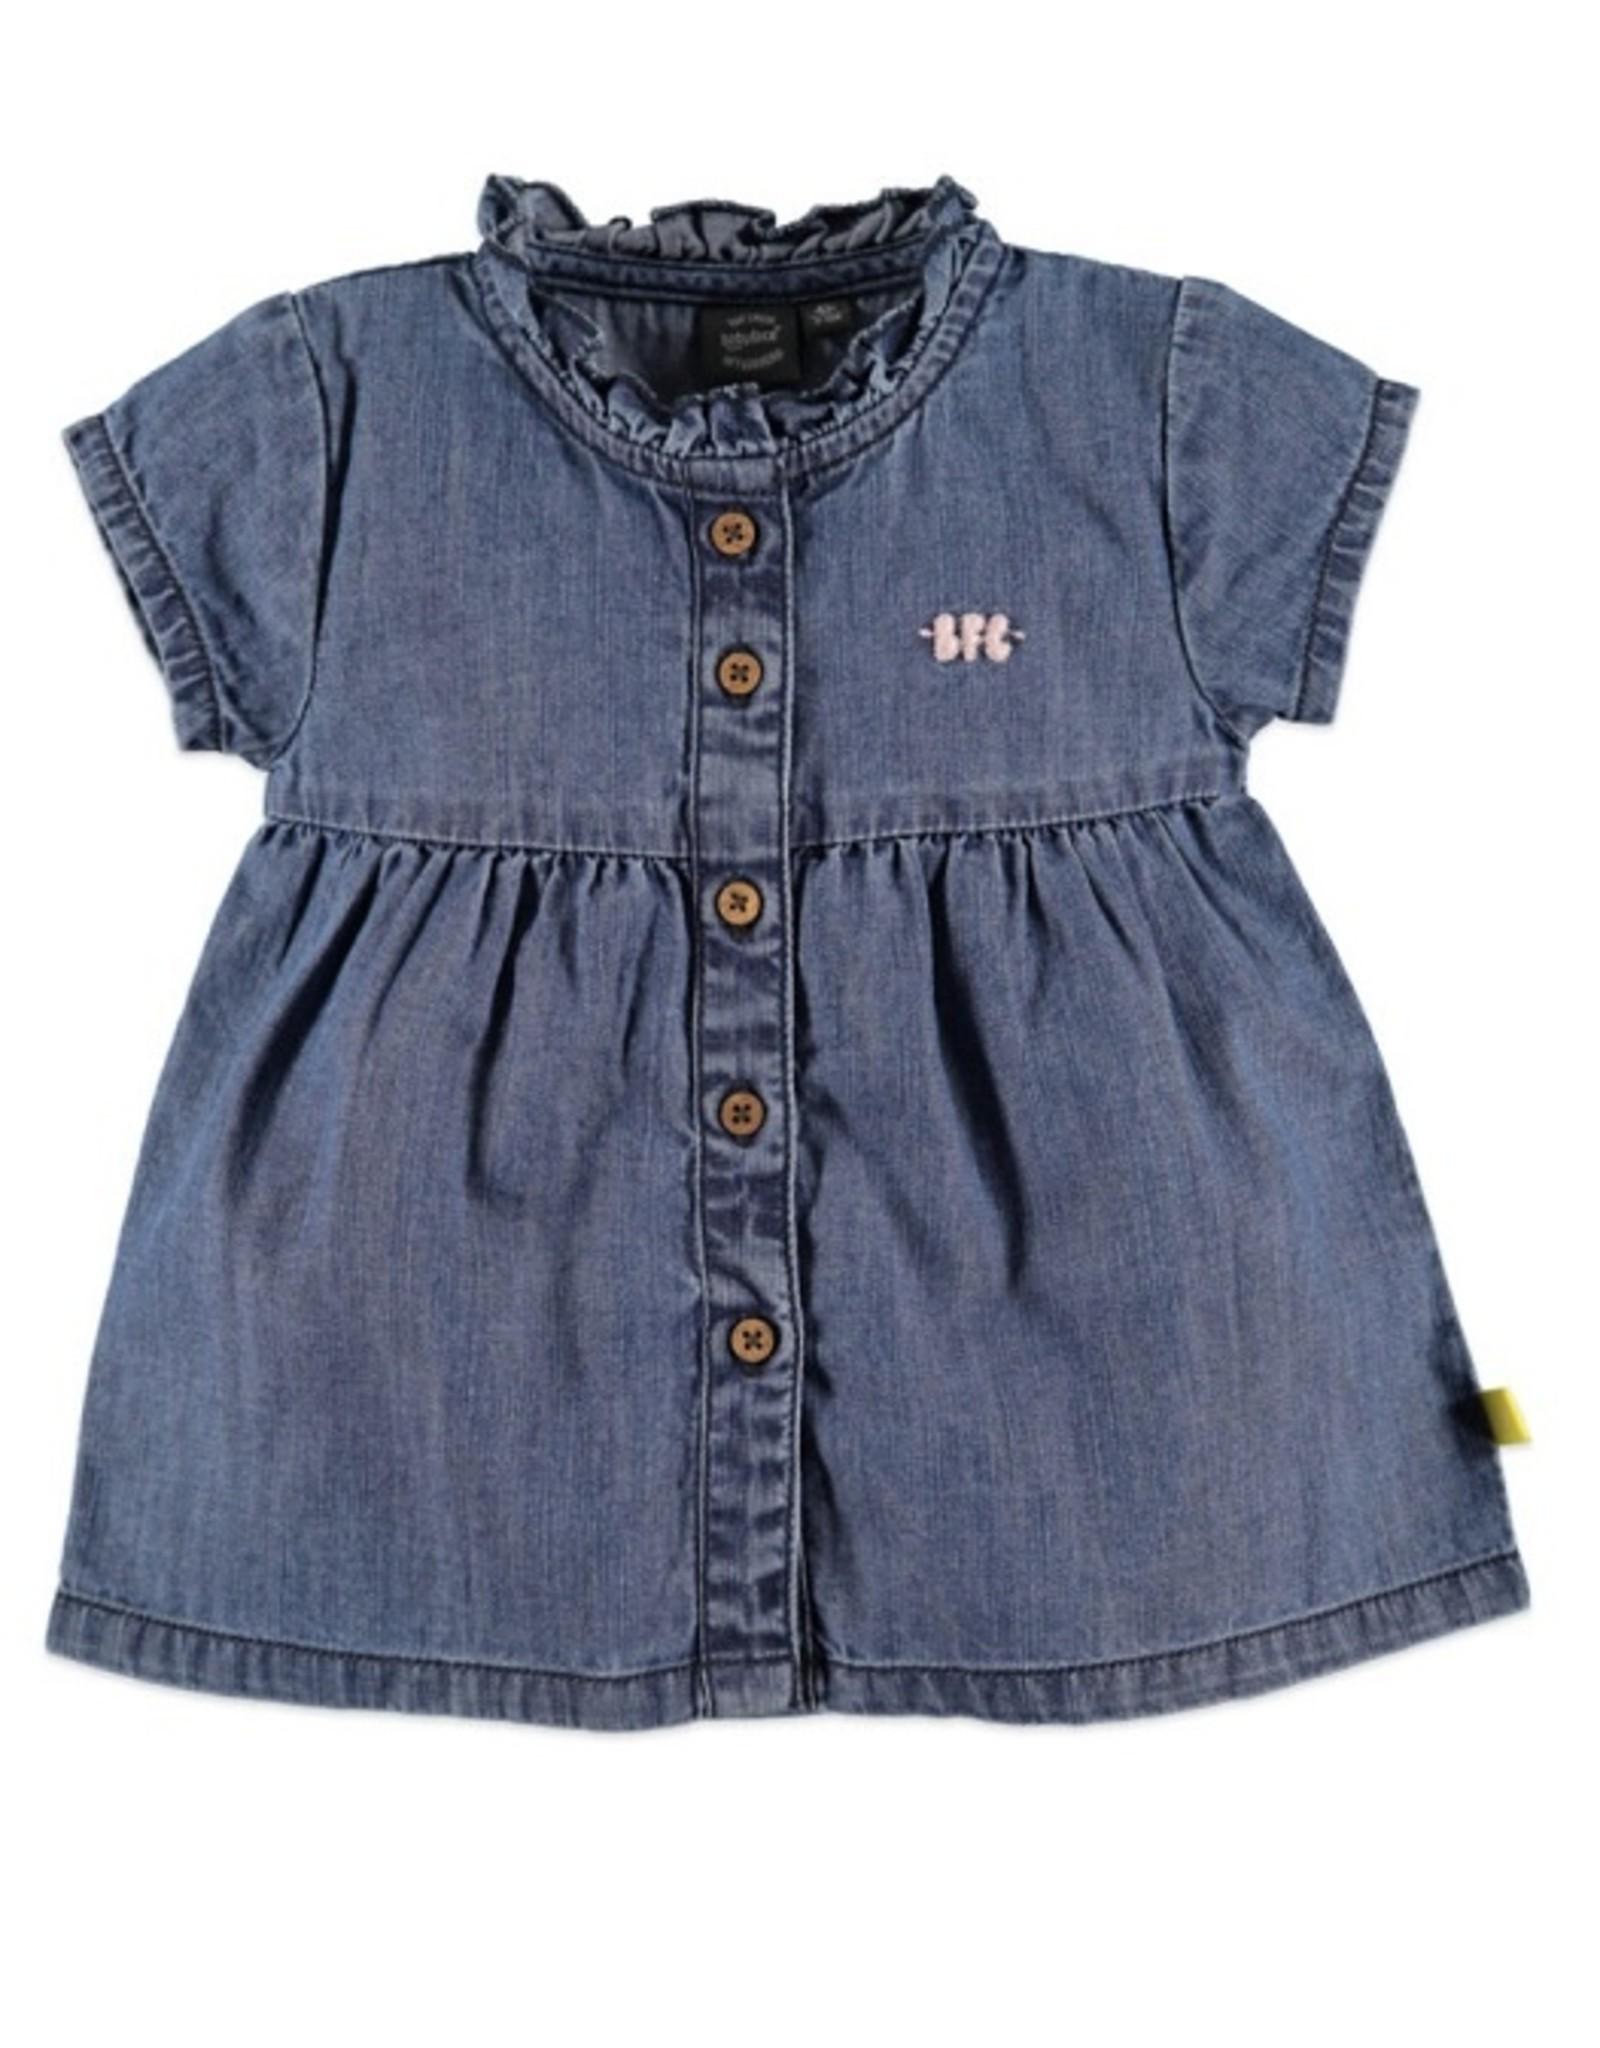 Babyface Jeanskleedje 0128724 - maat 62